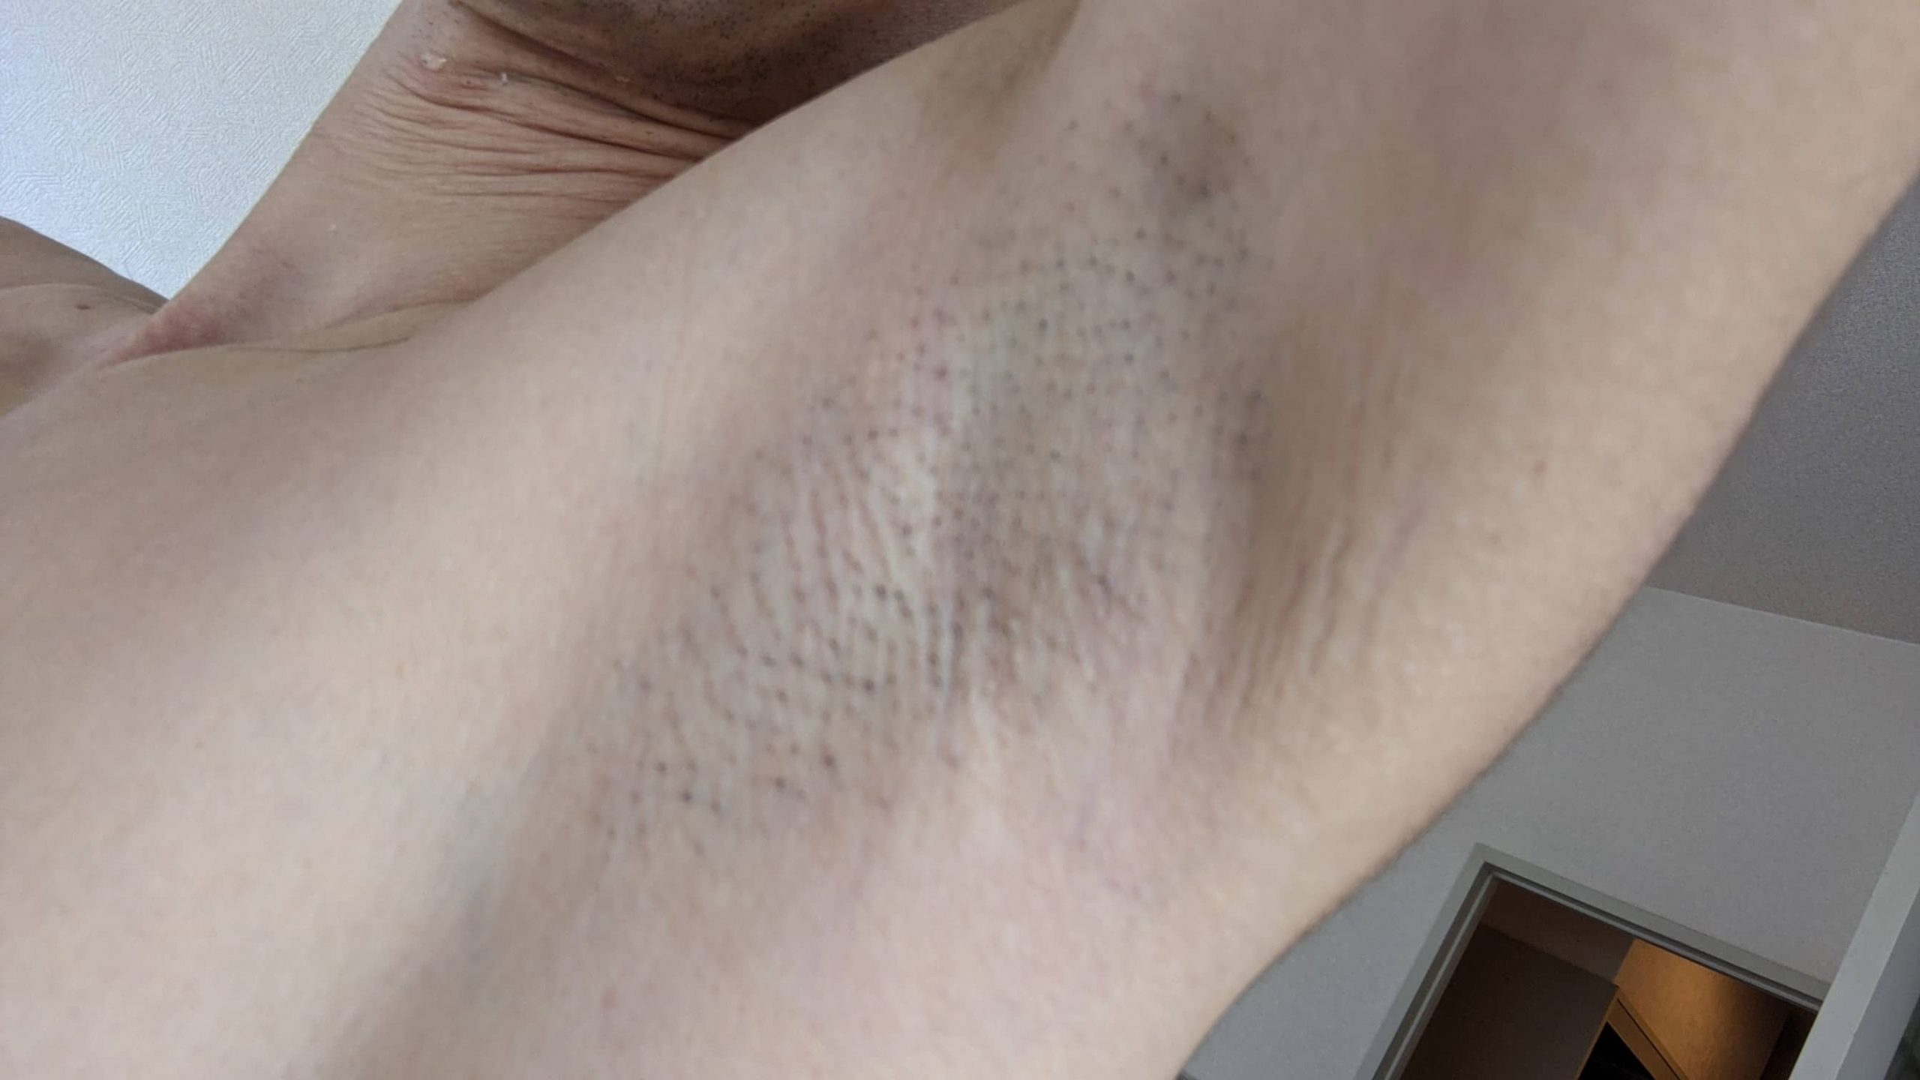 ワキ脱毛1回目直後の肌の様子